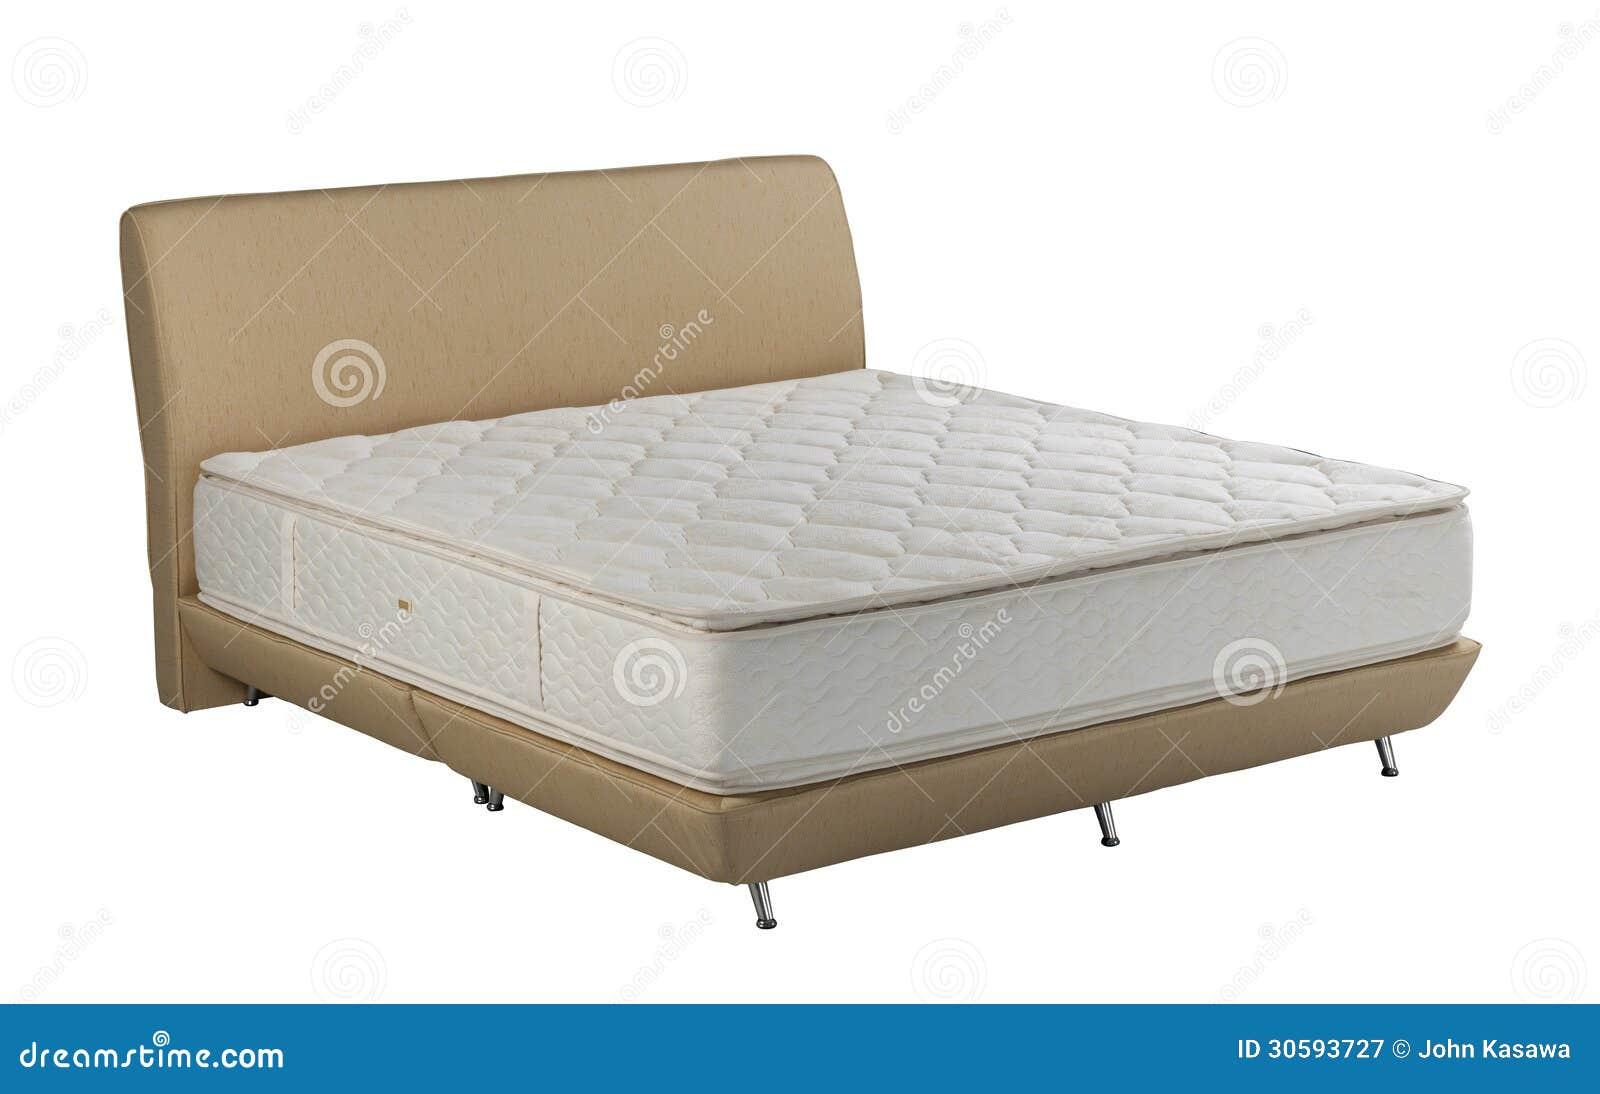 床垫在白色背景被隔绝隔绝的春天床